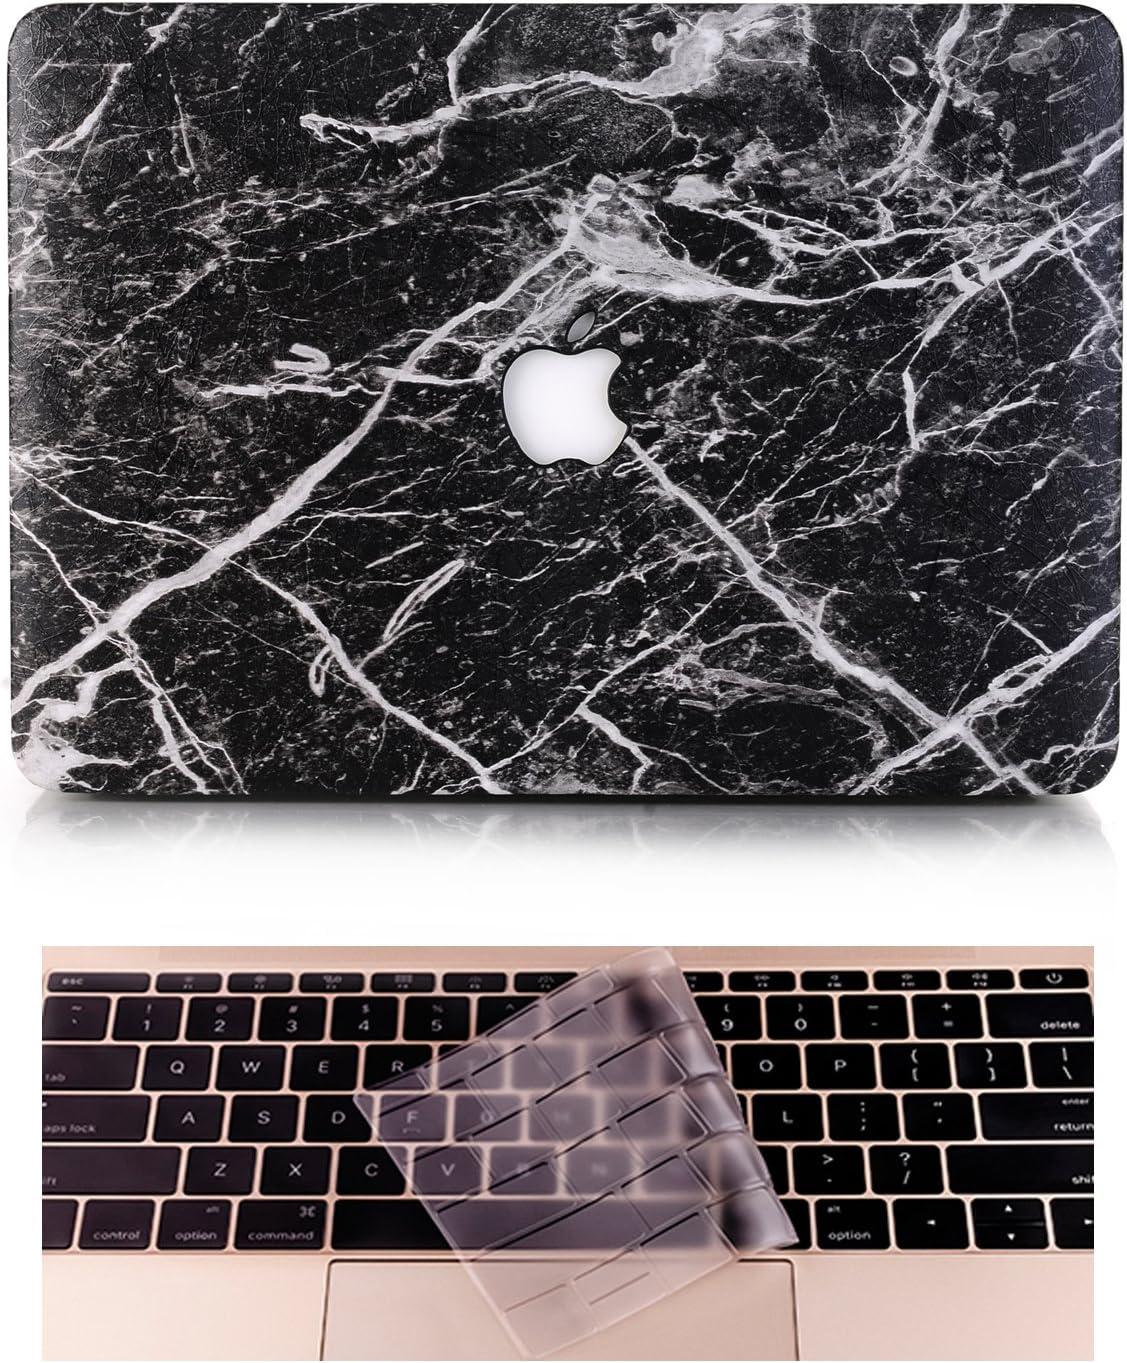 L2W Carcasa rígida, de plástico, para MacBook Air de 13 pulgadas (modelo: A1369/A1466), incluye protector transparente de teclado, de mármol negro Negro MacBook Air 13